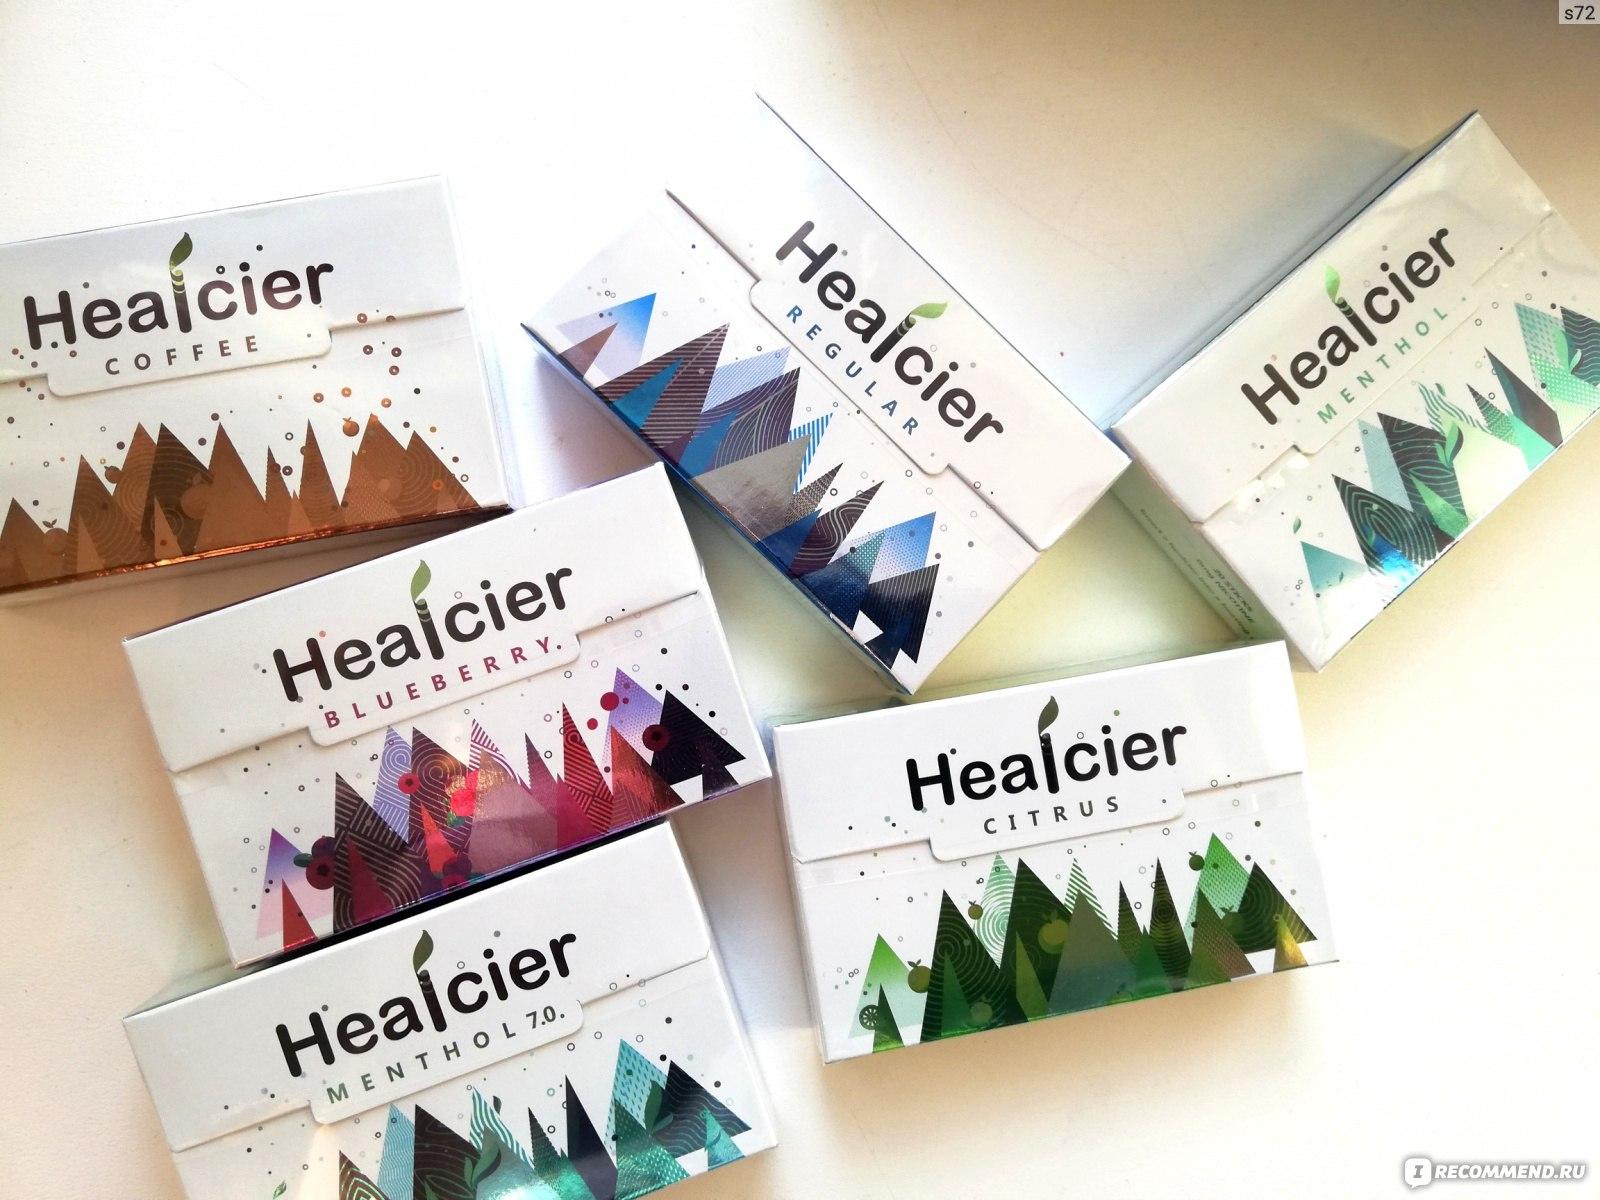 Табачные стики для iqos healcier menthol безникотиновые купить жидкости для электронных сигарет 100 мл купить дешево